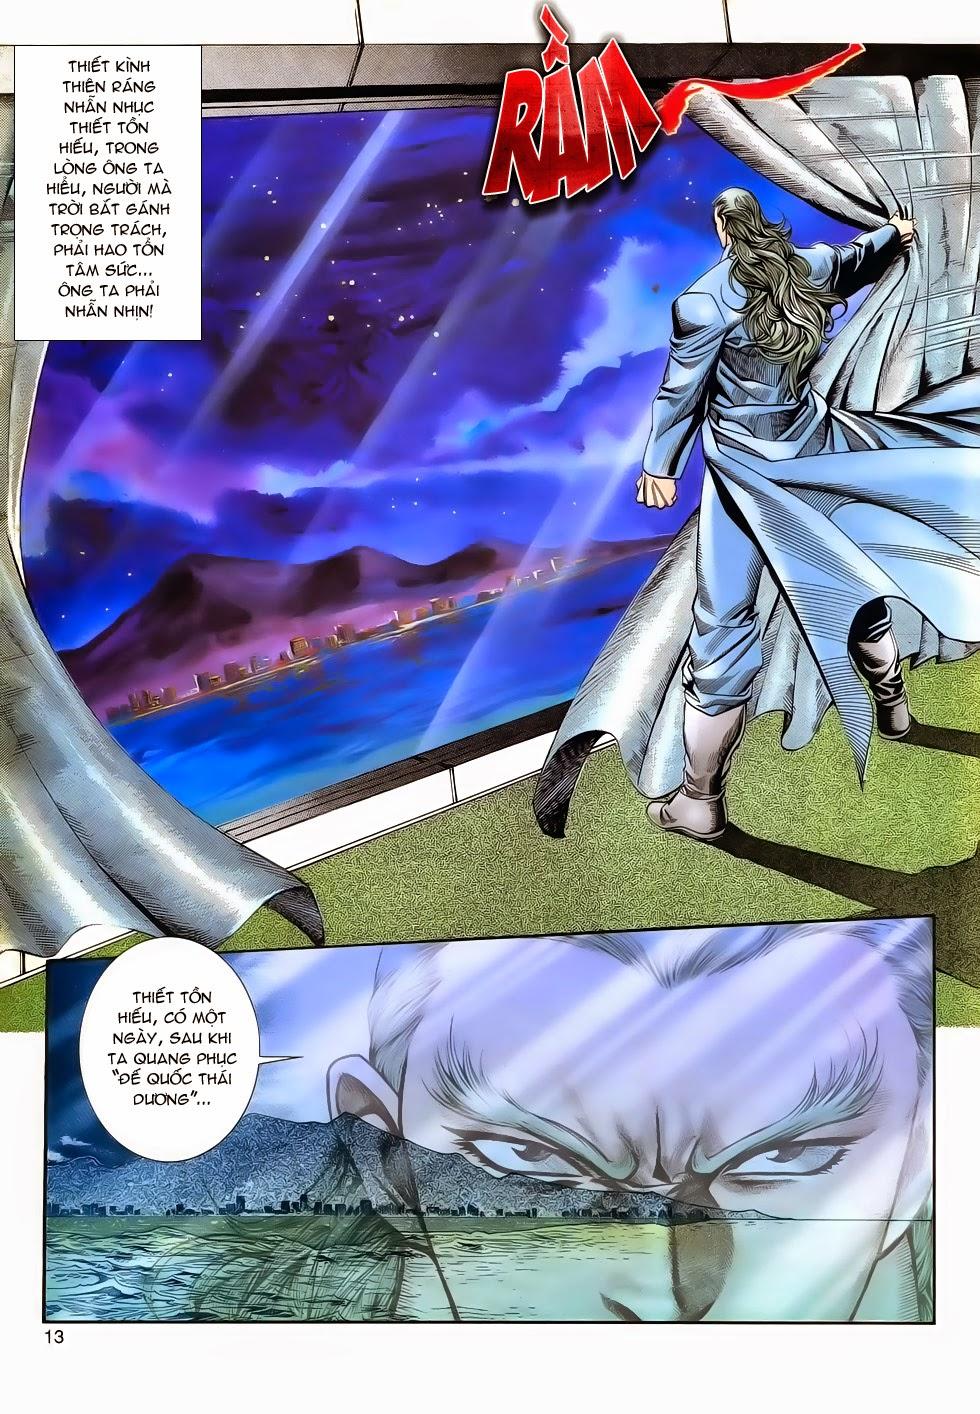 Long Hổ Phong Bạo chap 3 - Trang 13